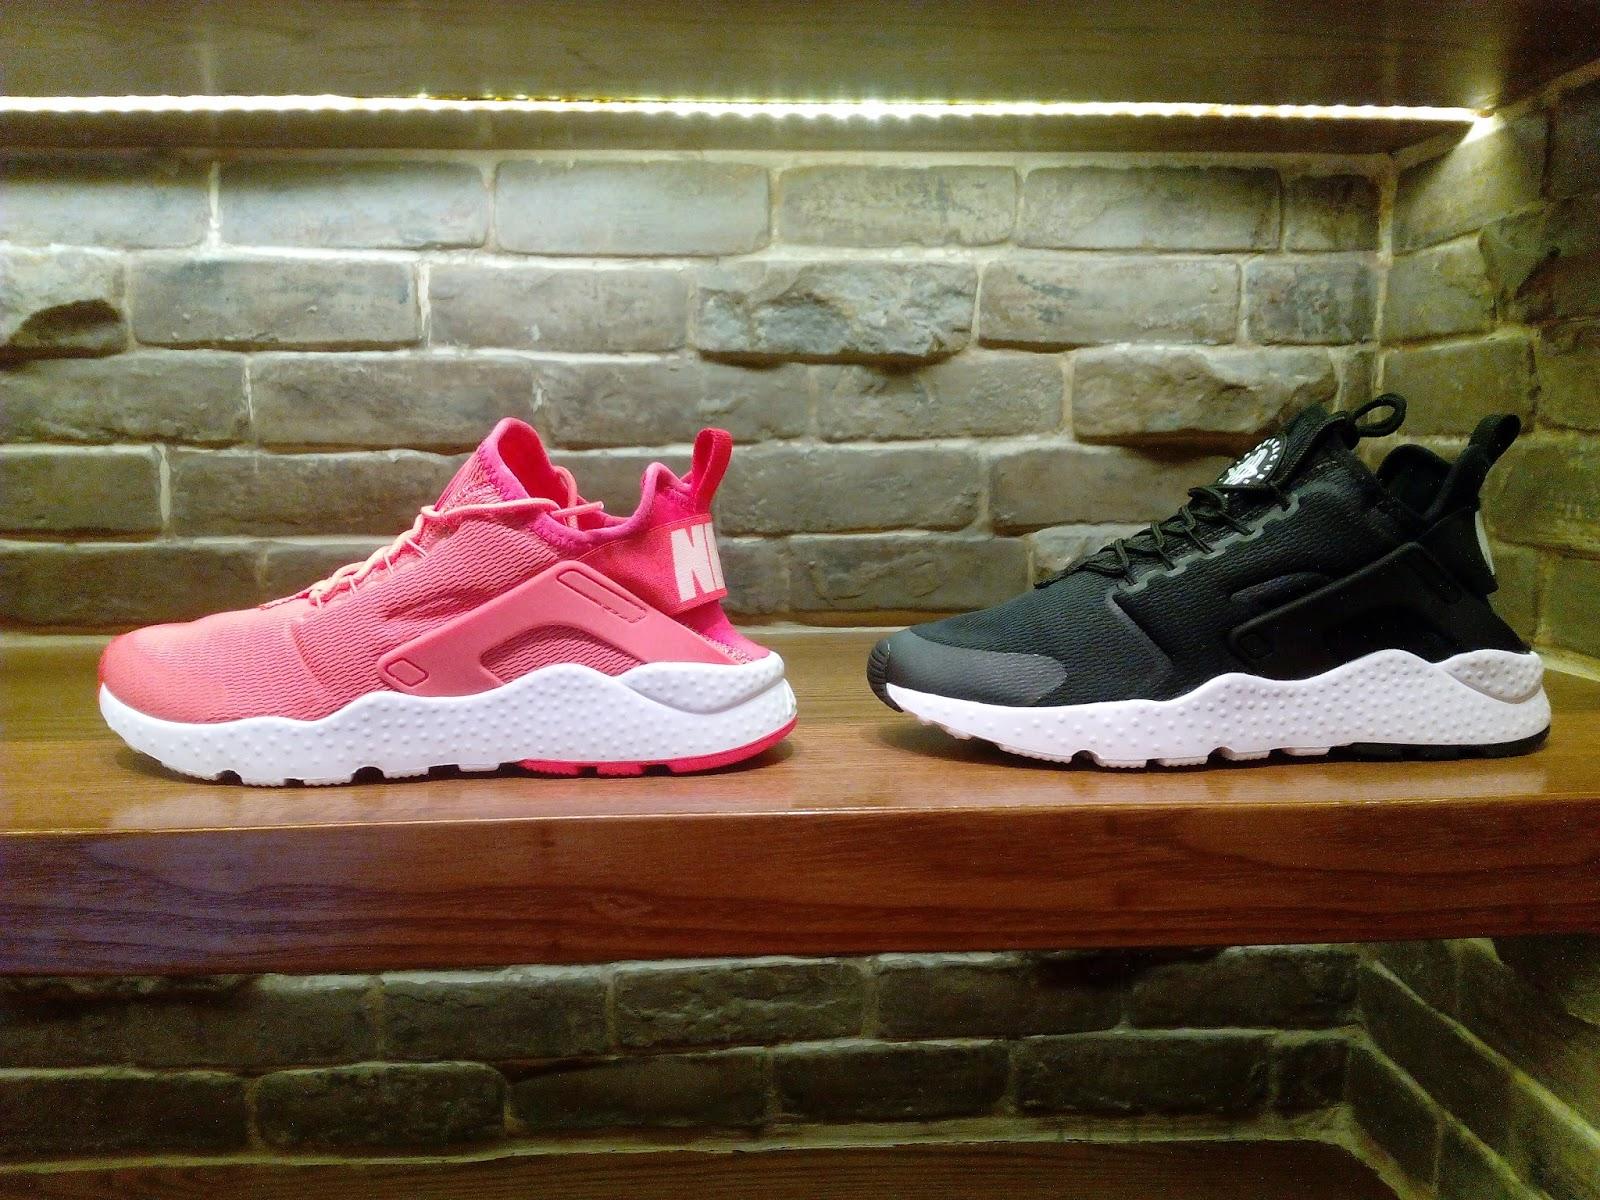 62a753943dc1 Nike WMNS Air Huarache Run Ultra